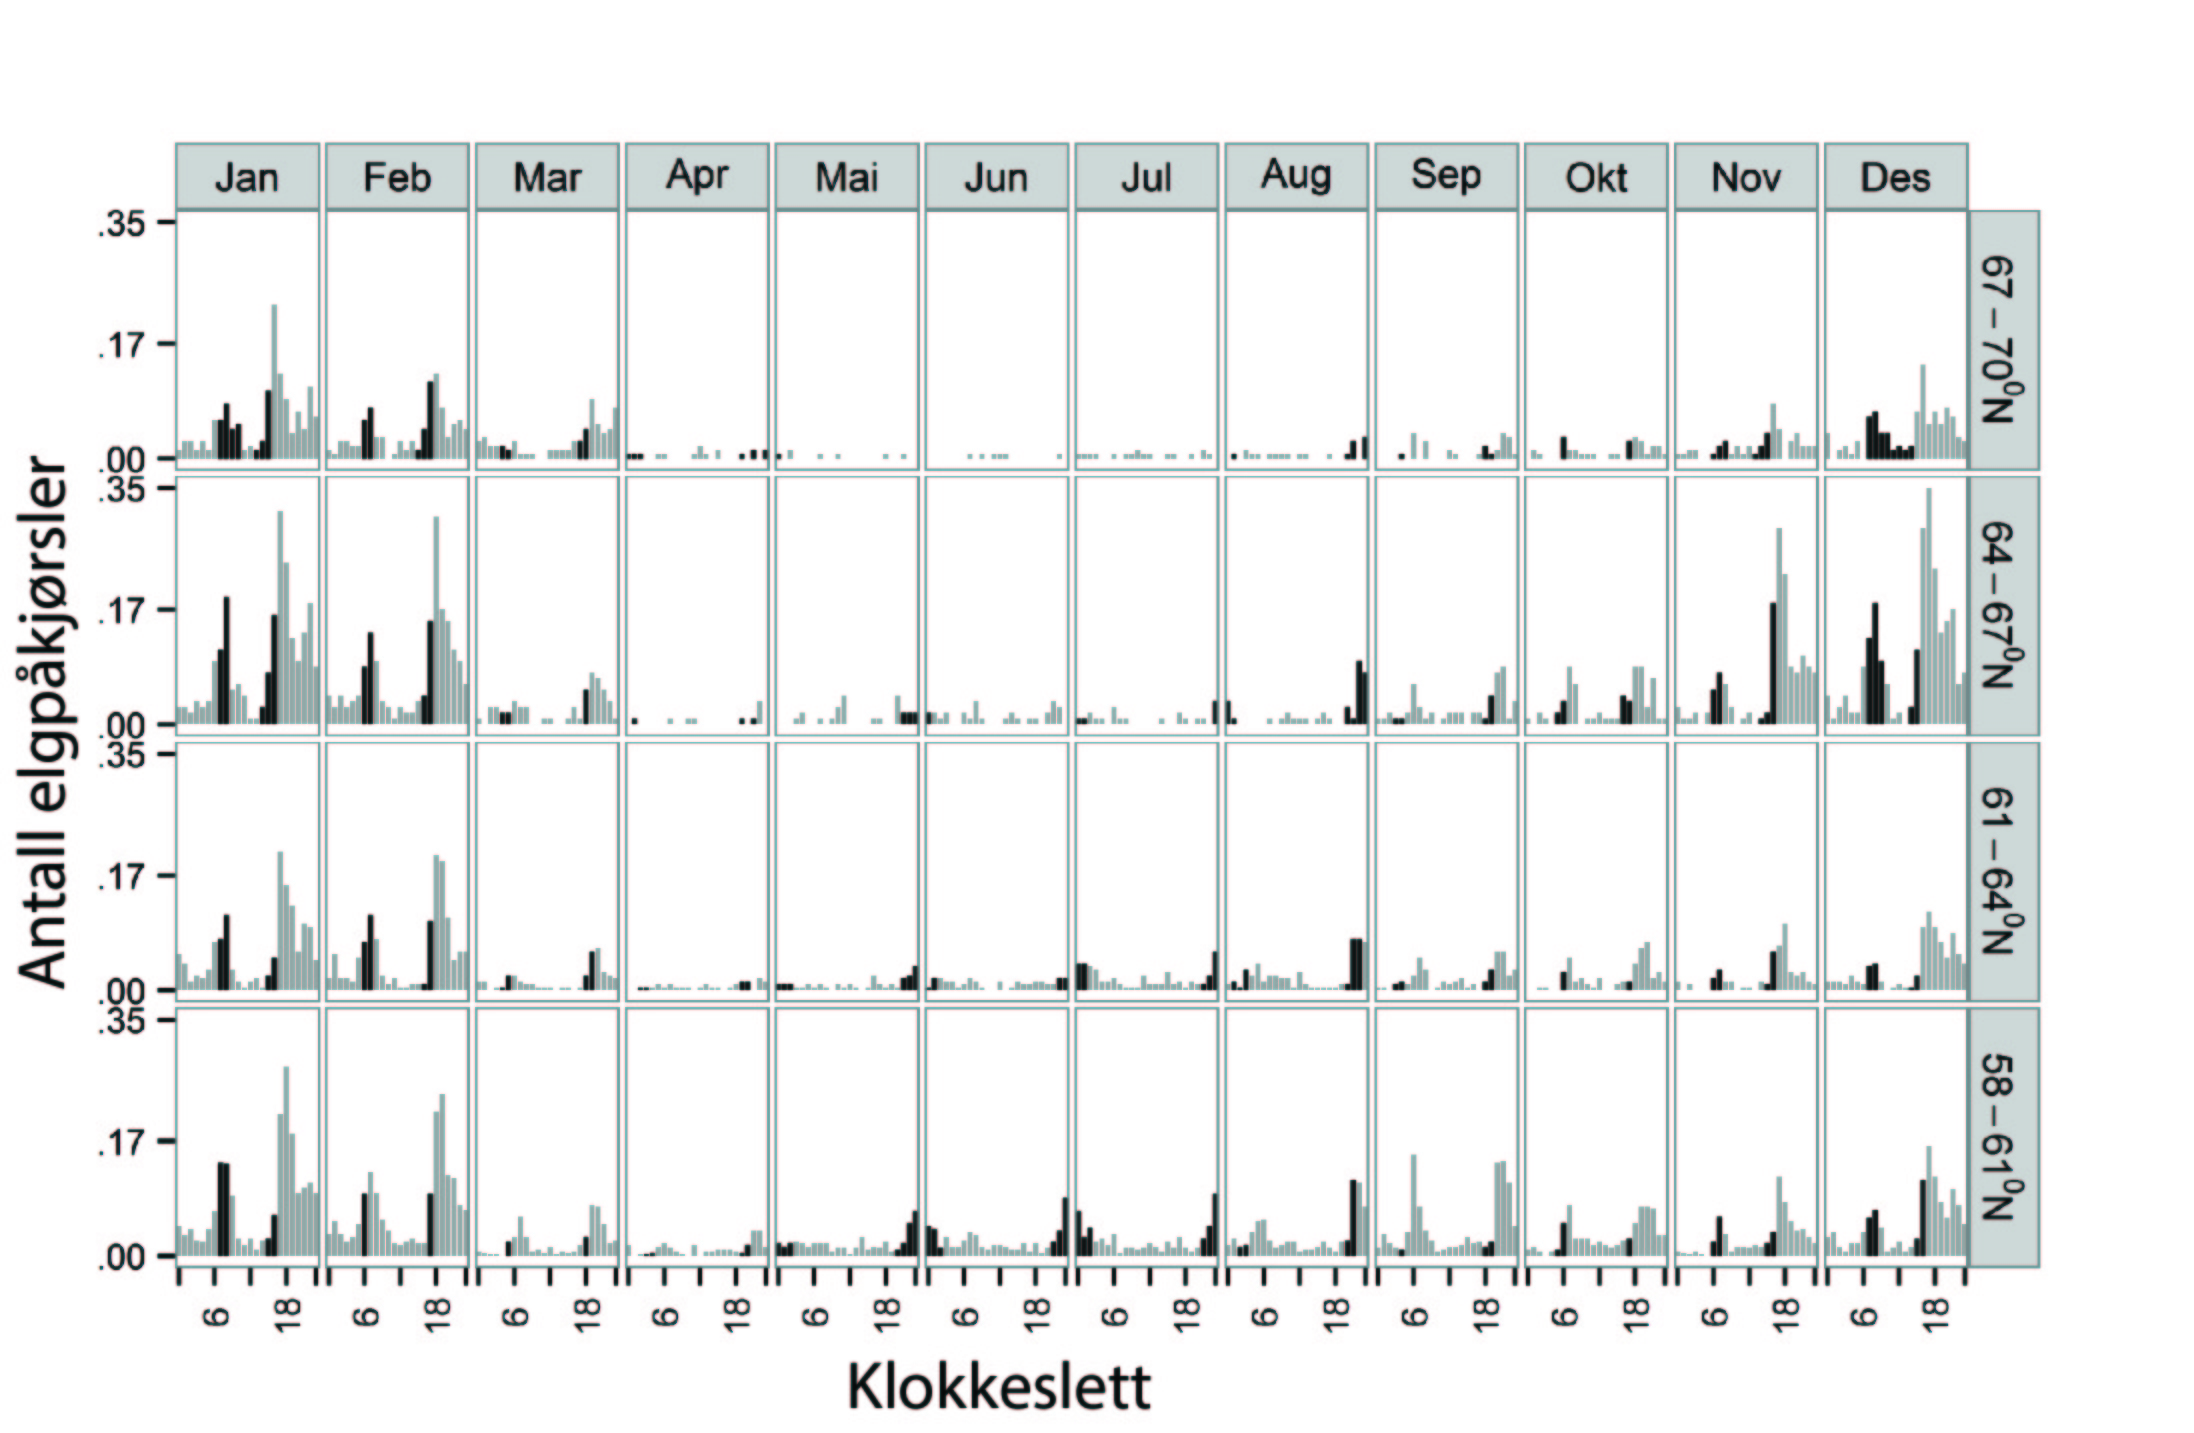 Figur 1. Gjennomsnittlig antall elgpåkjørsler pr. kommune og år i forhold til klokketime. Data fordelt på måned og breddegrad. Mørkere stolper antyder påkjørsler i timer med tussmørke (når solen er fra 0-12° under horisonten). Data fra 7838 elgpåkjørsler i perioden 2007-2012.